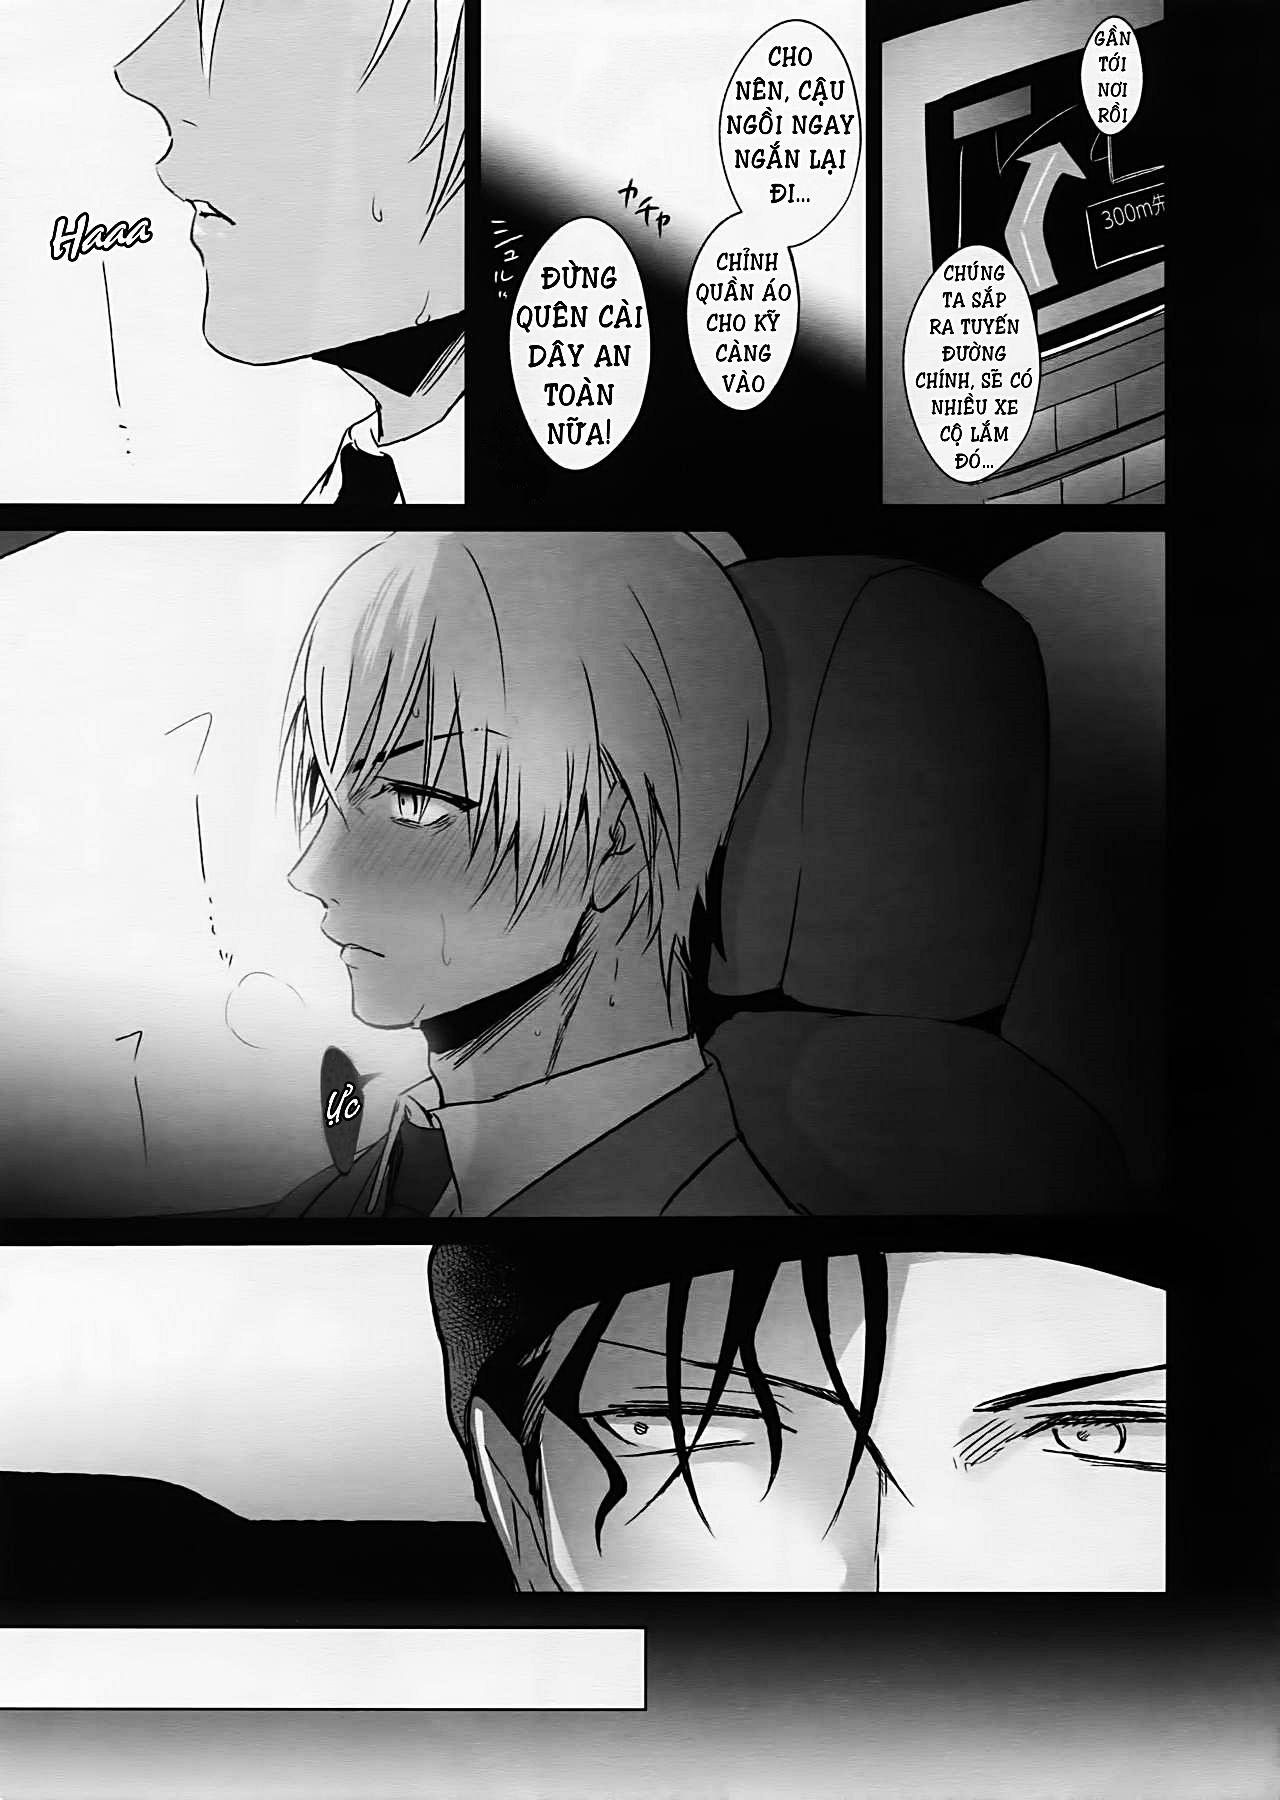 Đọc Hương vị trong em (1.2) - Truyện Akai X Amuro - Detective Conan  Doujinshi